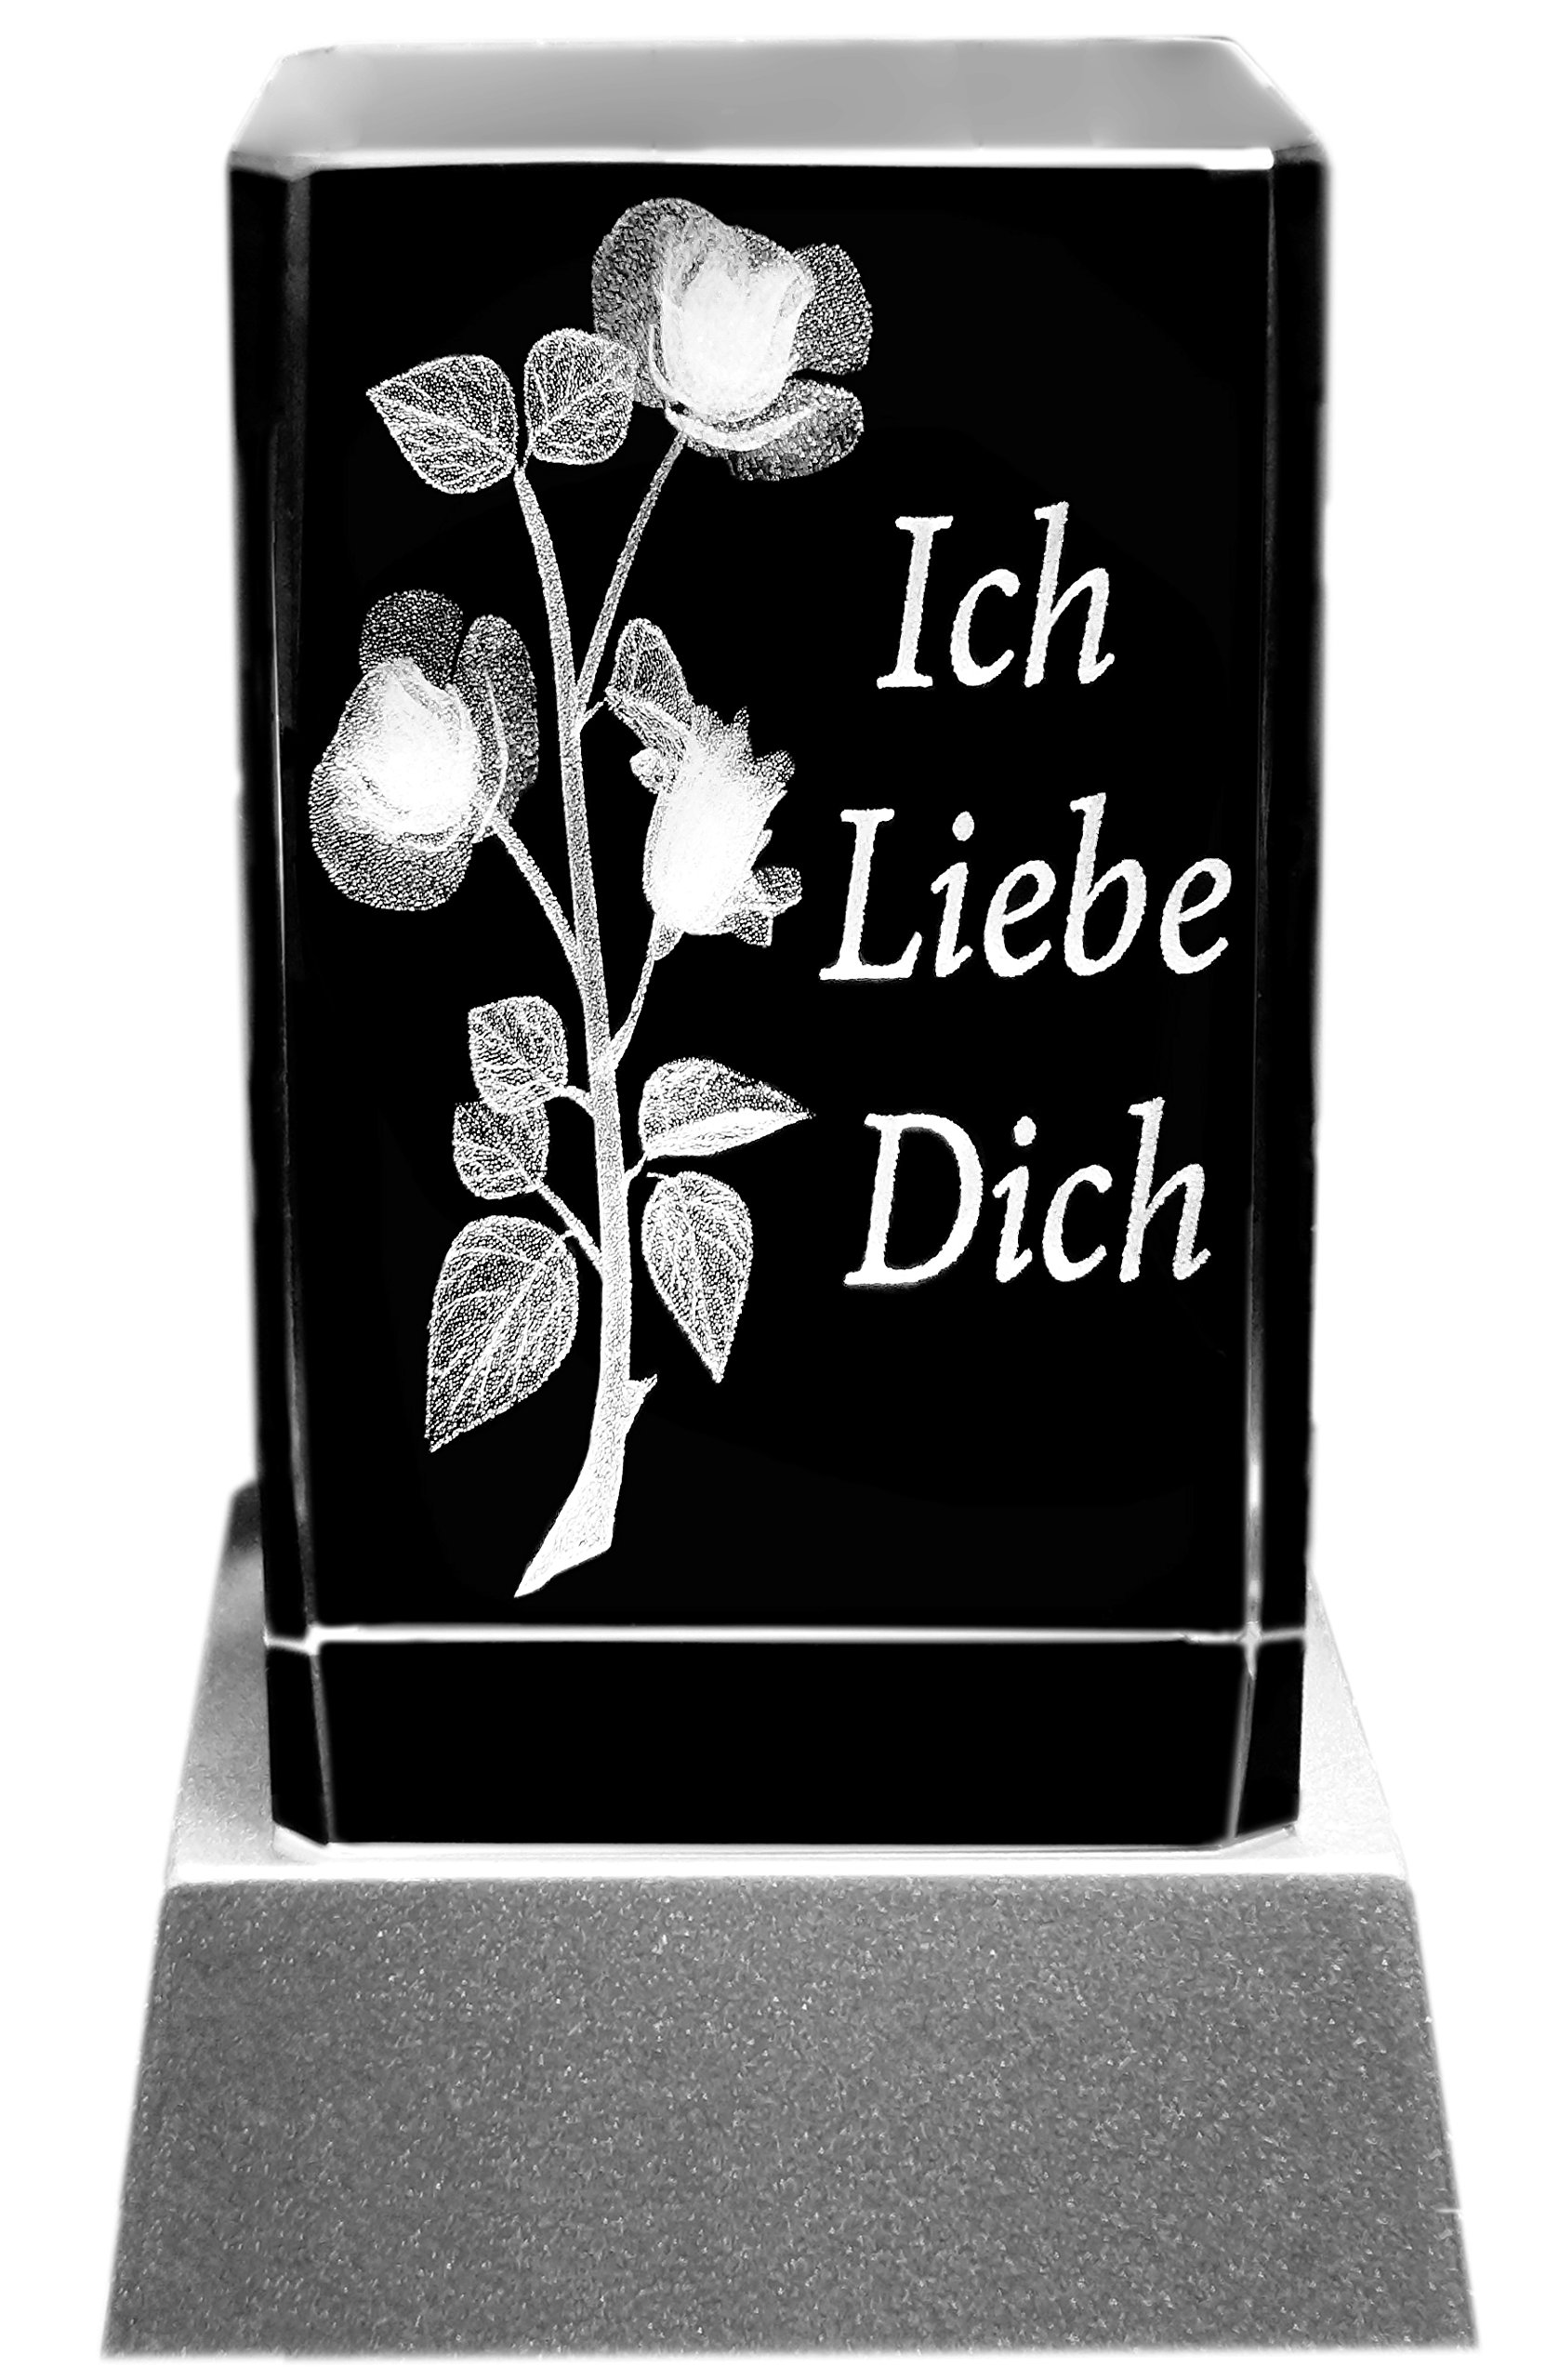 Kaltner Präsente Stimmungslicht - Ein ganz besonderes Geschenk: LED Kerze / Kristall Glasblock / 3D-Laser-Gravur Motiv…